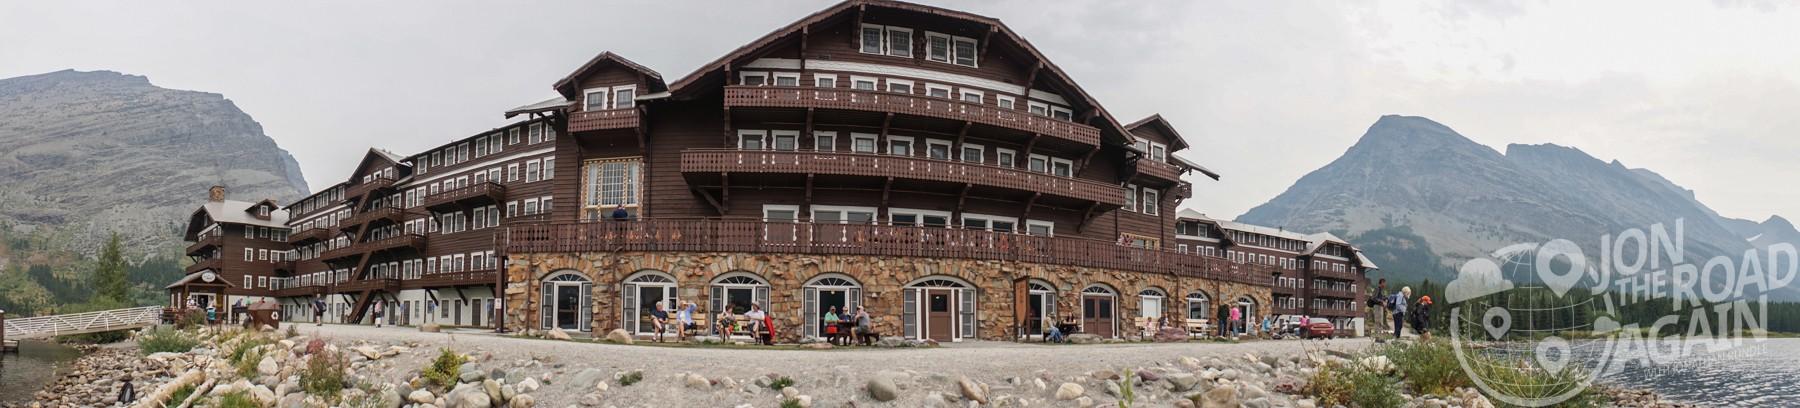 Many Glacier Hotel Panorama